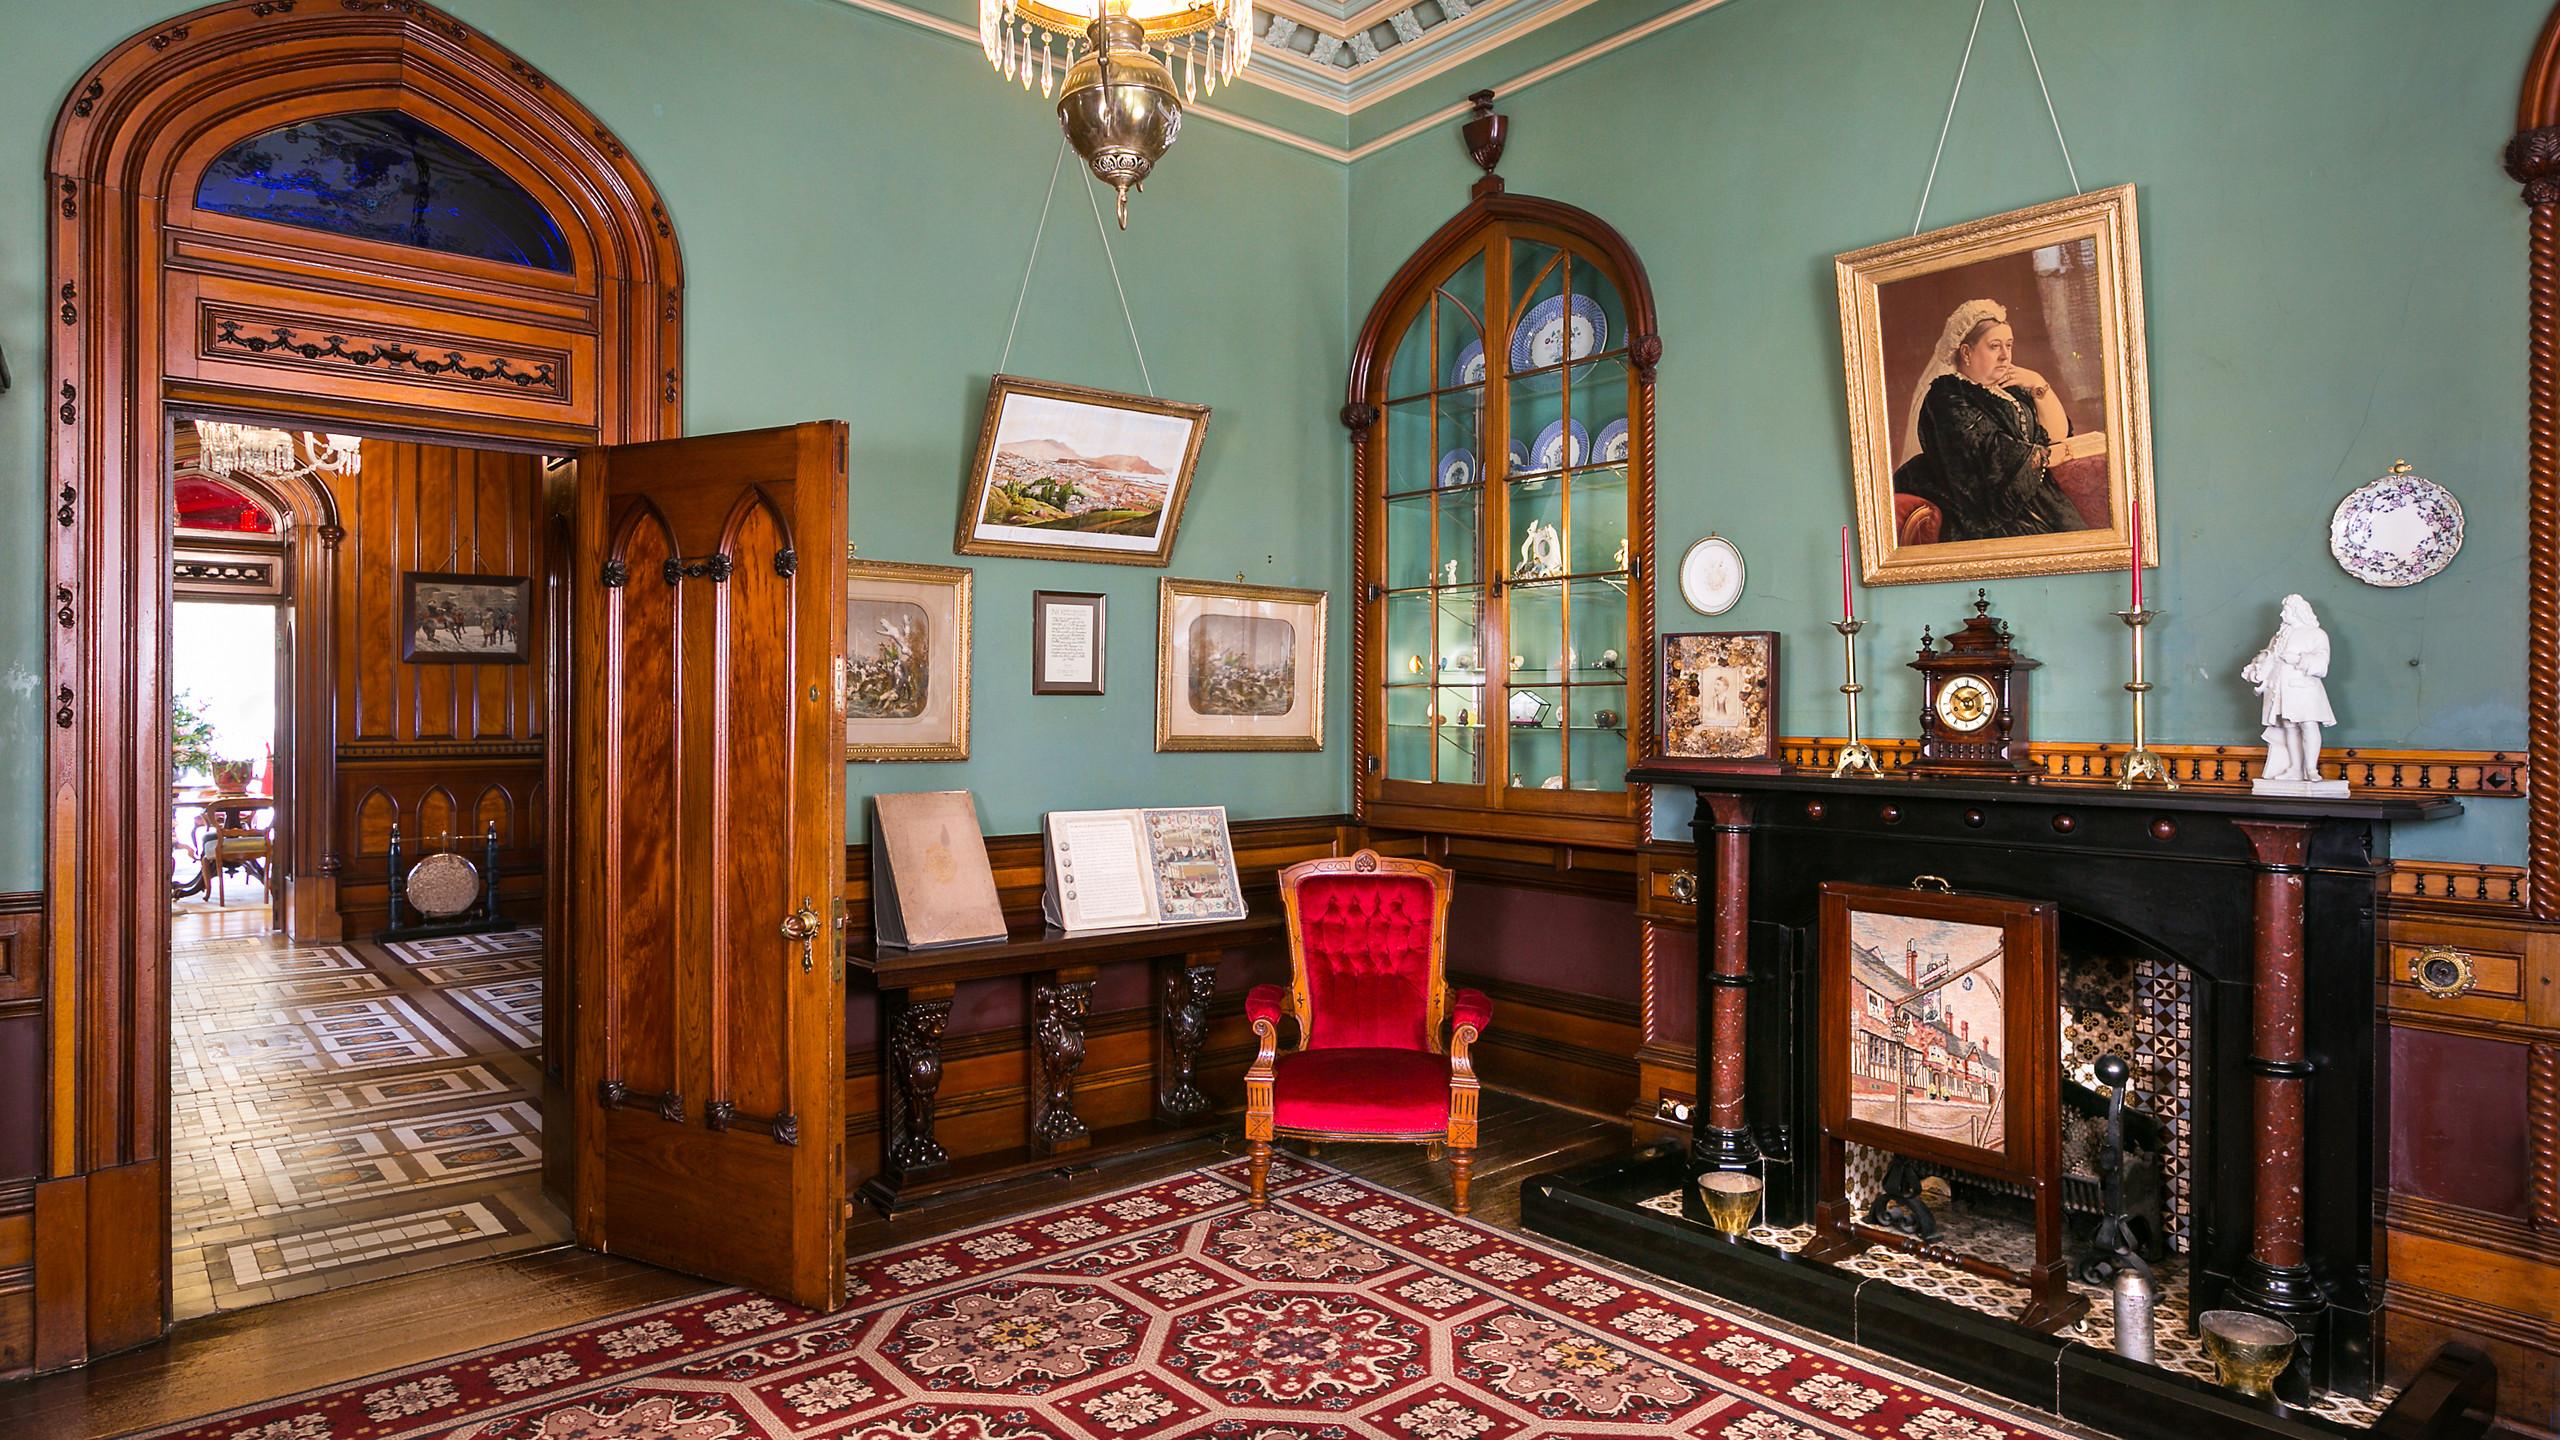 Интерьеры замка Ларнак, Данидин, туры в Новую Зеландию